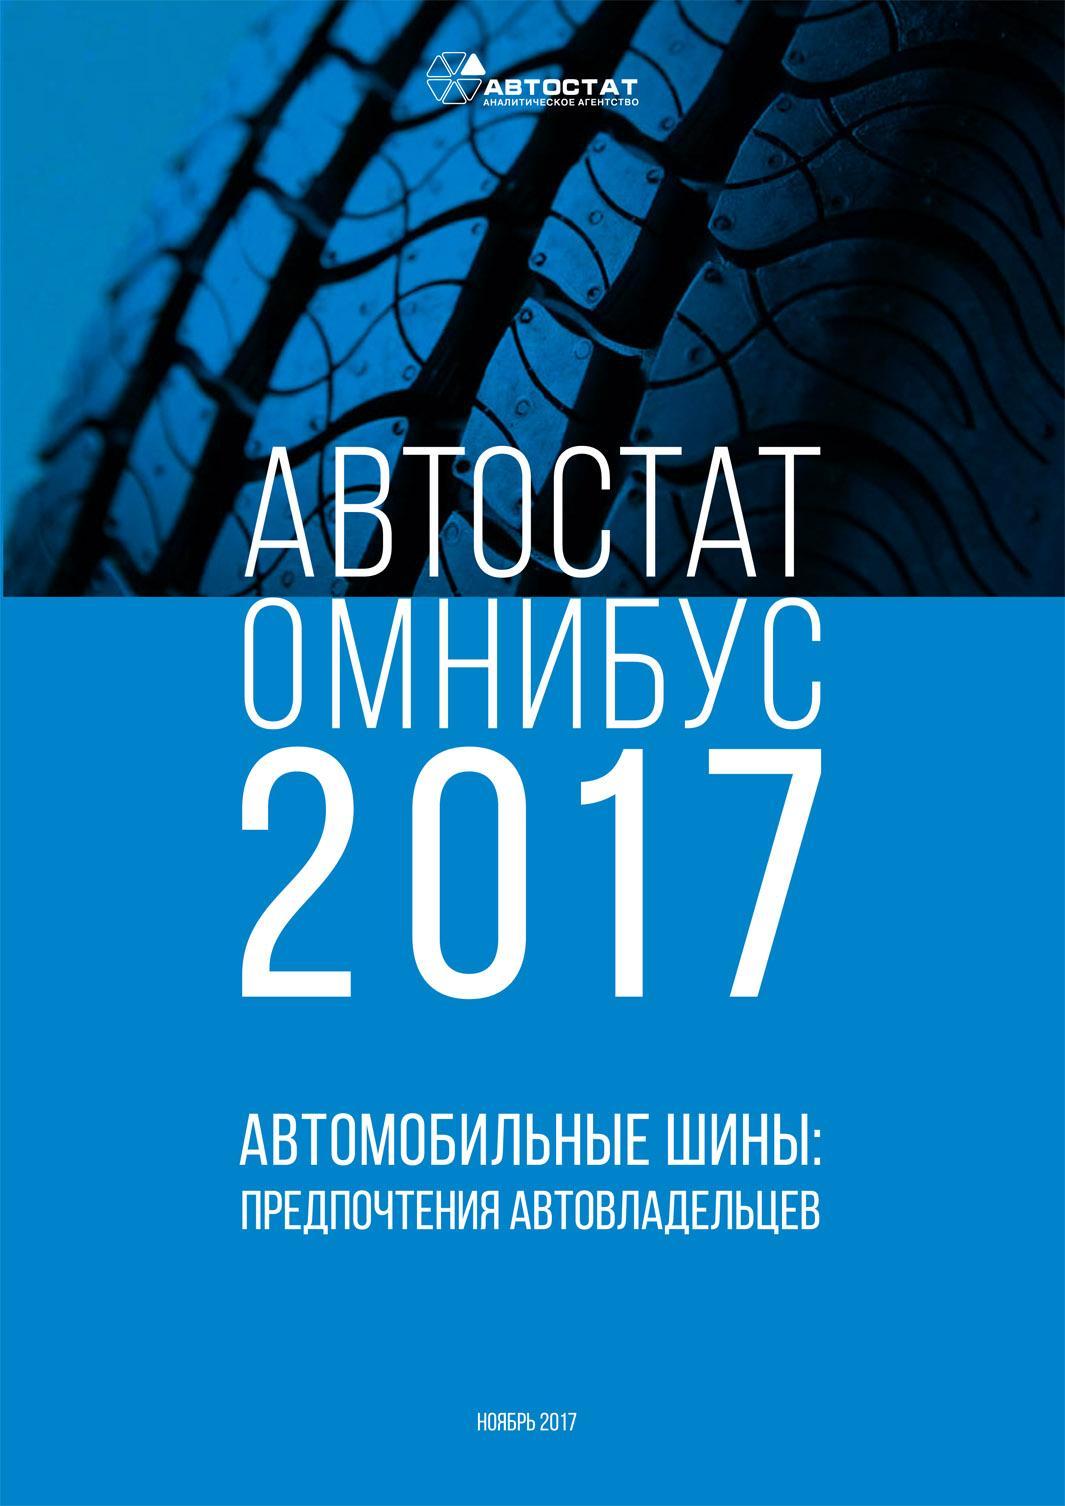 «Автостат» назвал десятку самых узнаваемых шинных брендов на российском рынке